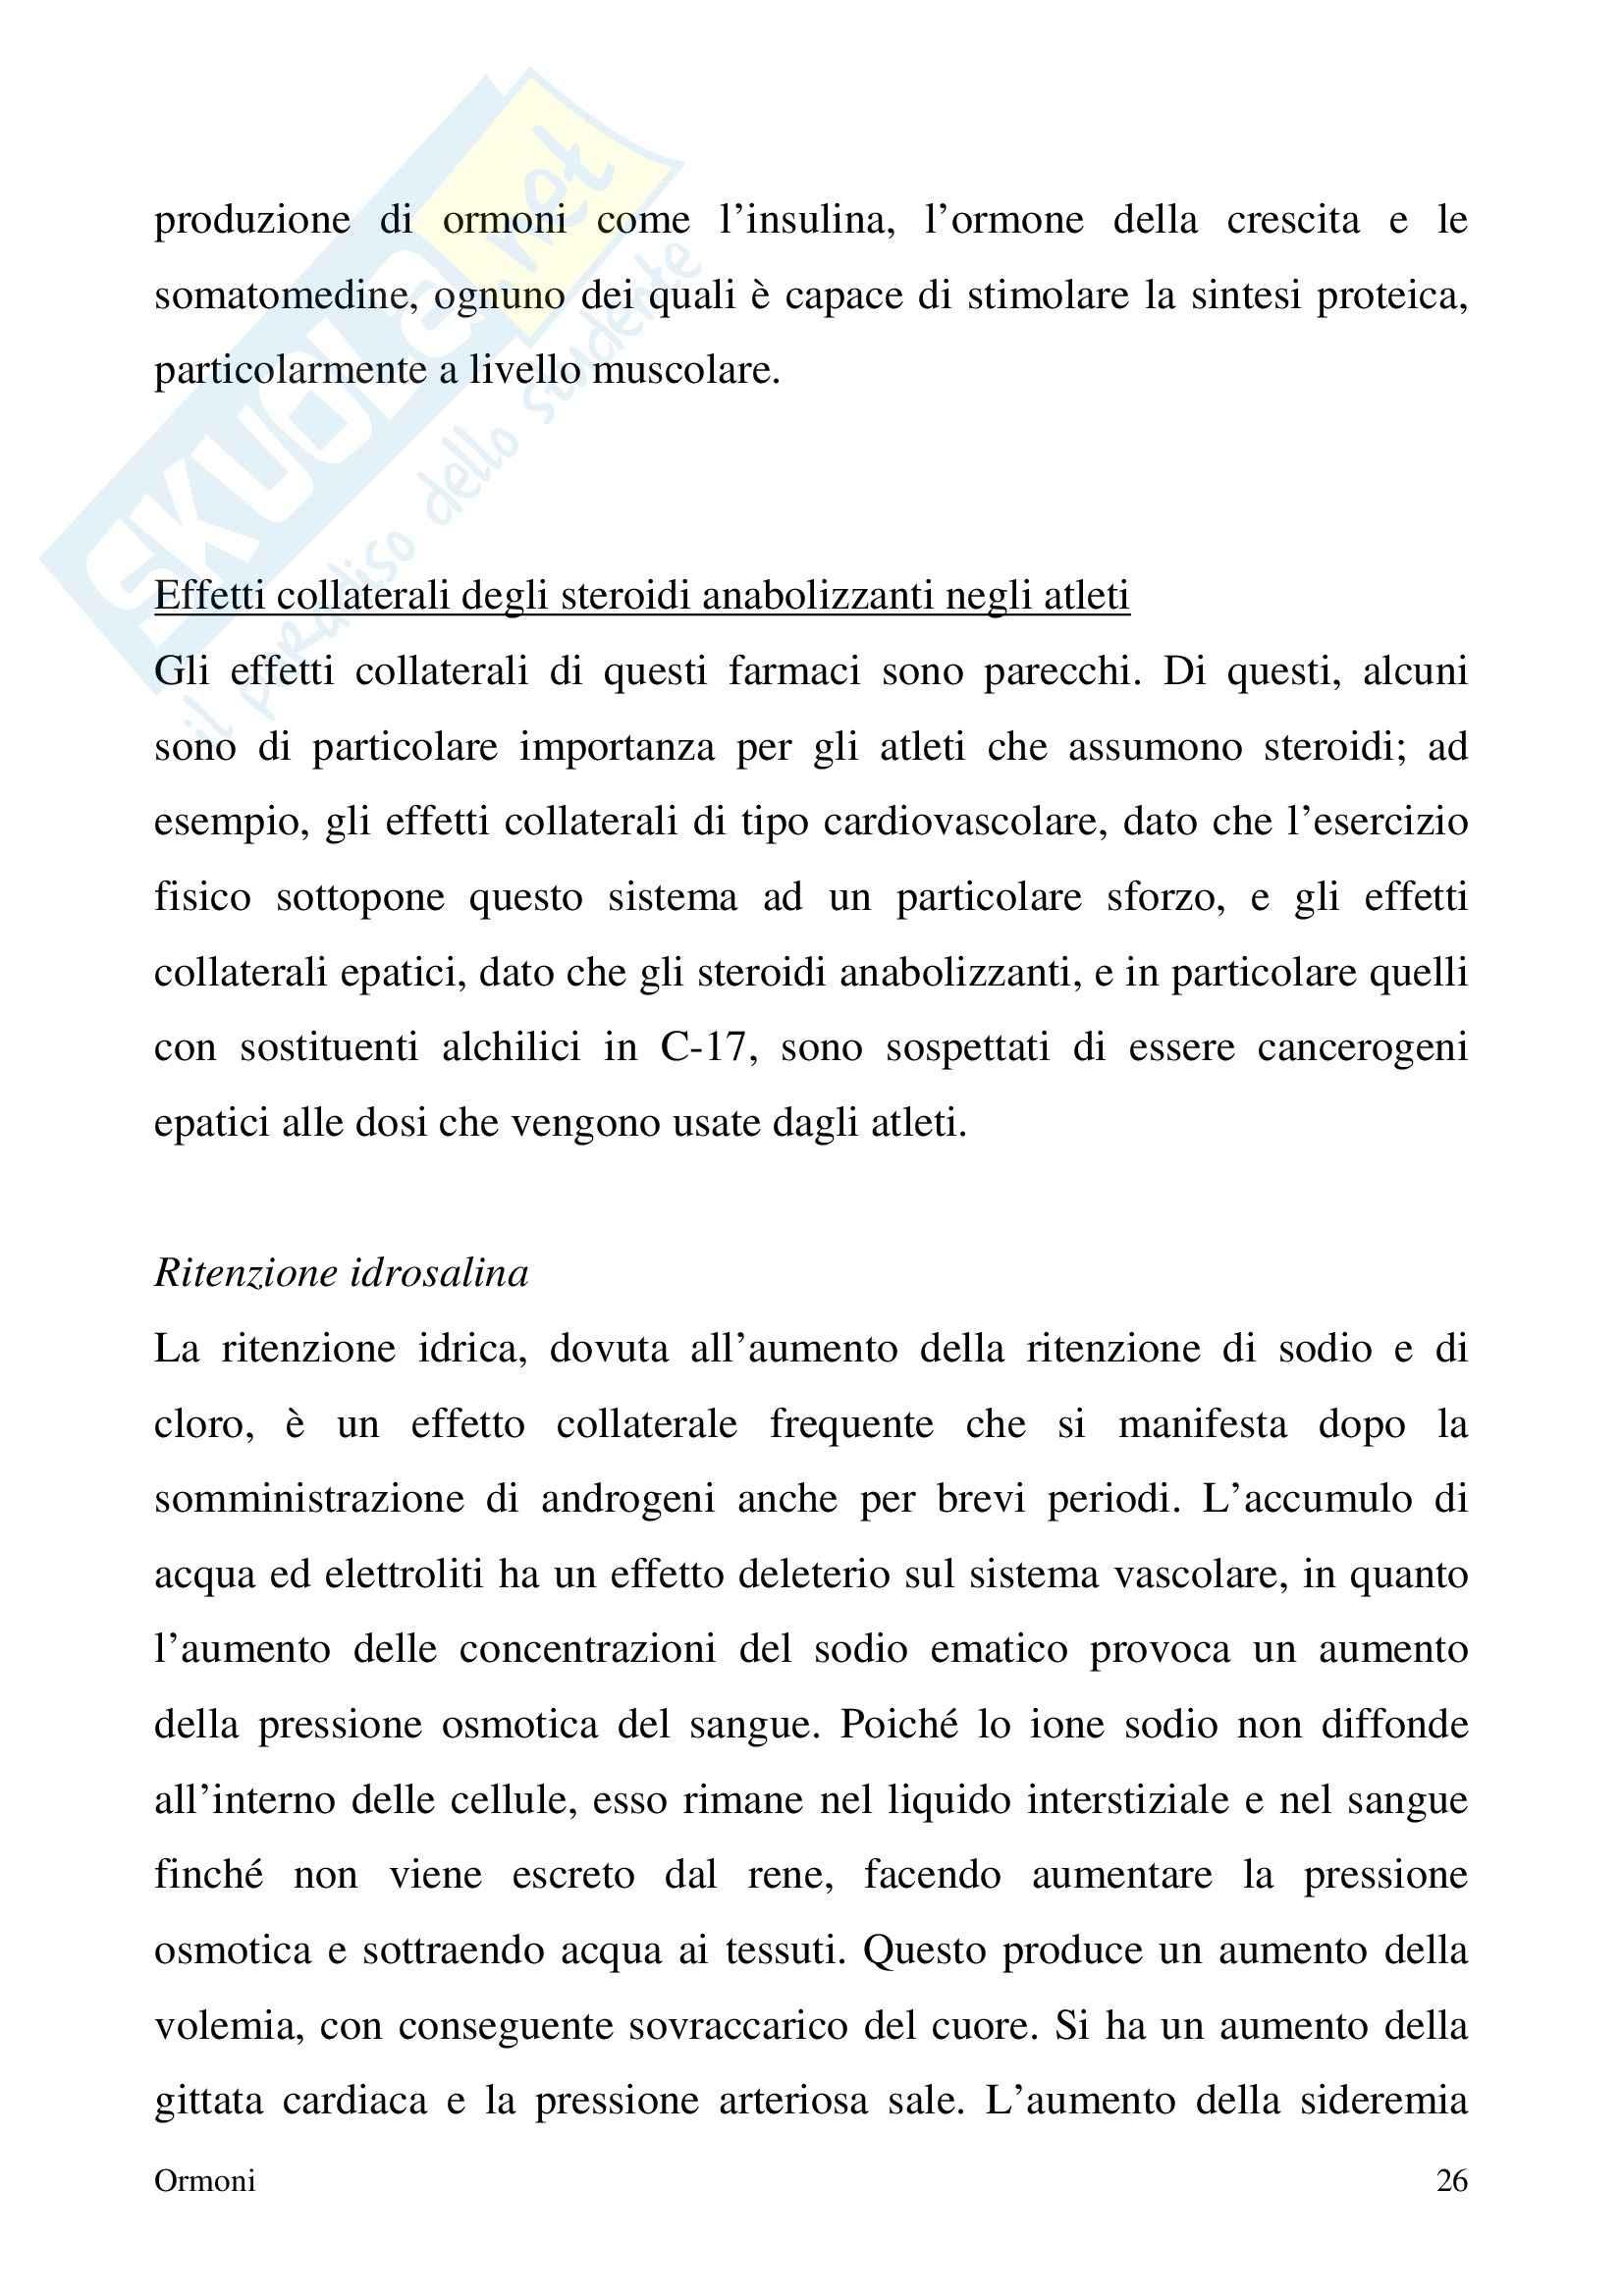 Chimica farmaceutica - ormoni Pag. 26